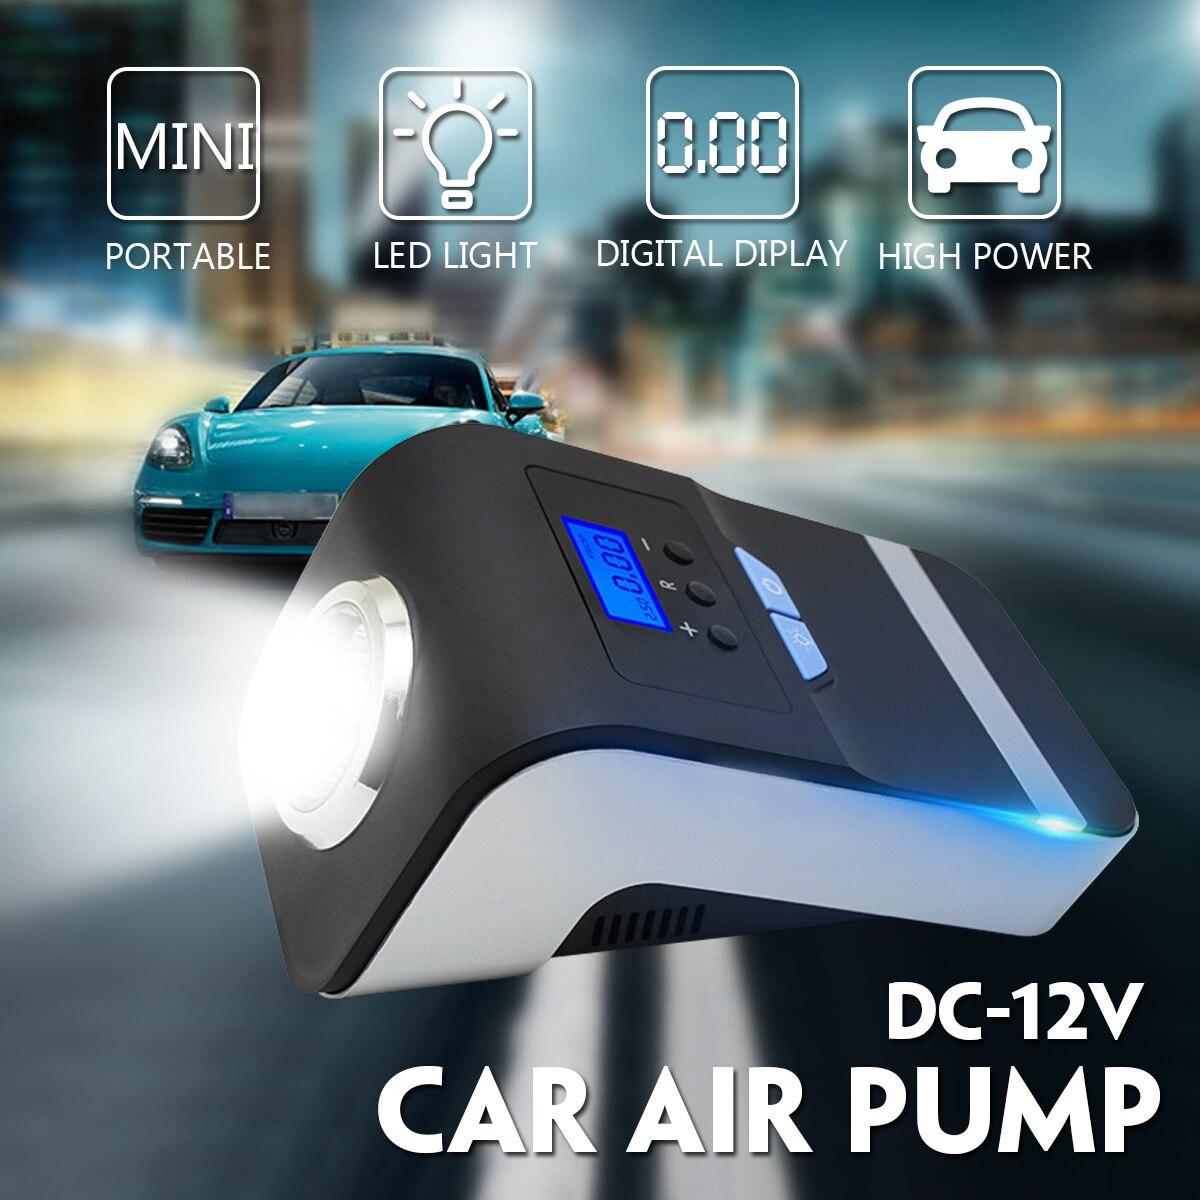 1 шт. 120 Вт Портативный насос воздушный компрессор Давление переключатель светодиодный автомобиля 12 В Duty Мощный насос автоматически воздуха